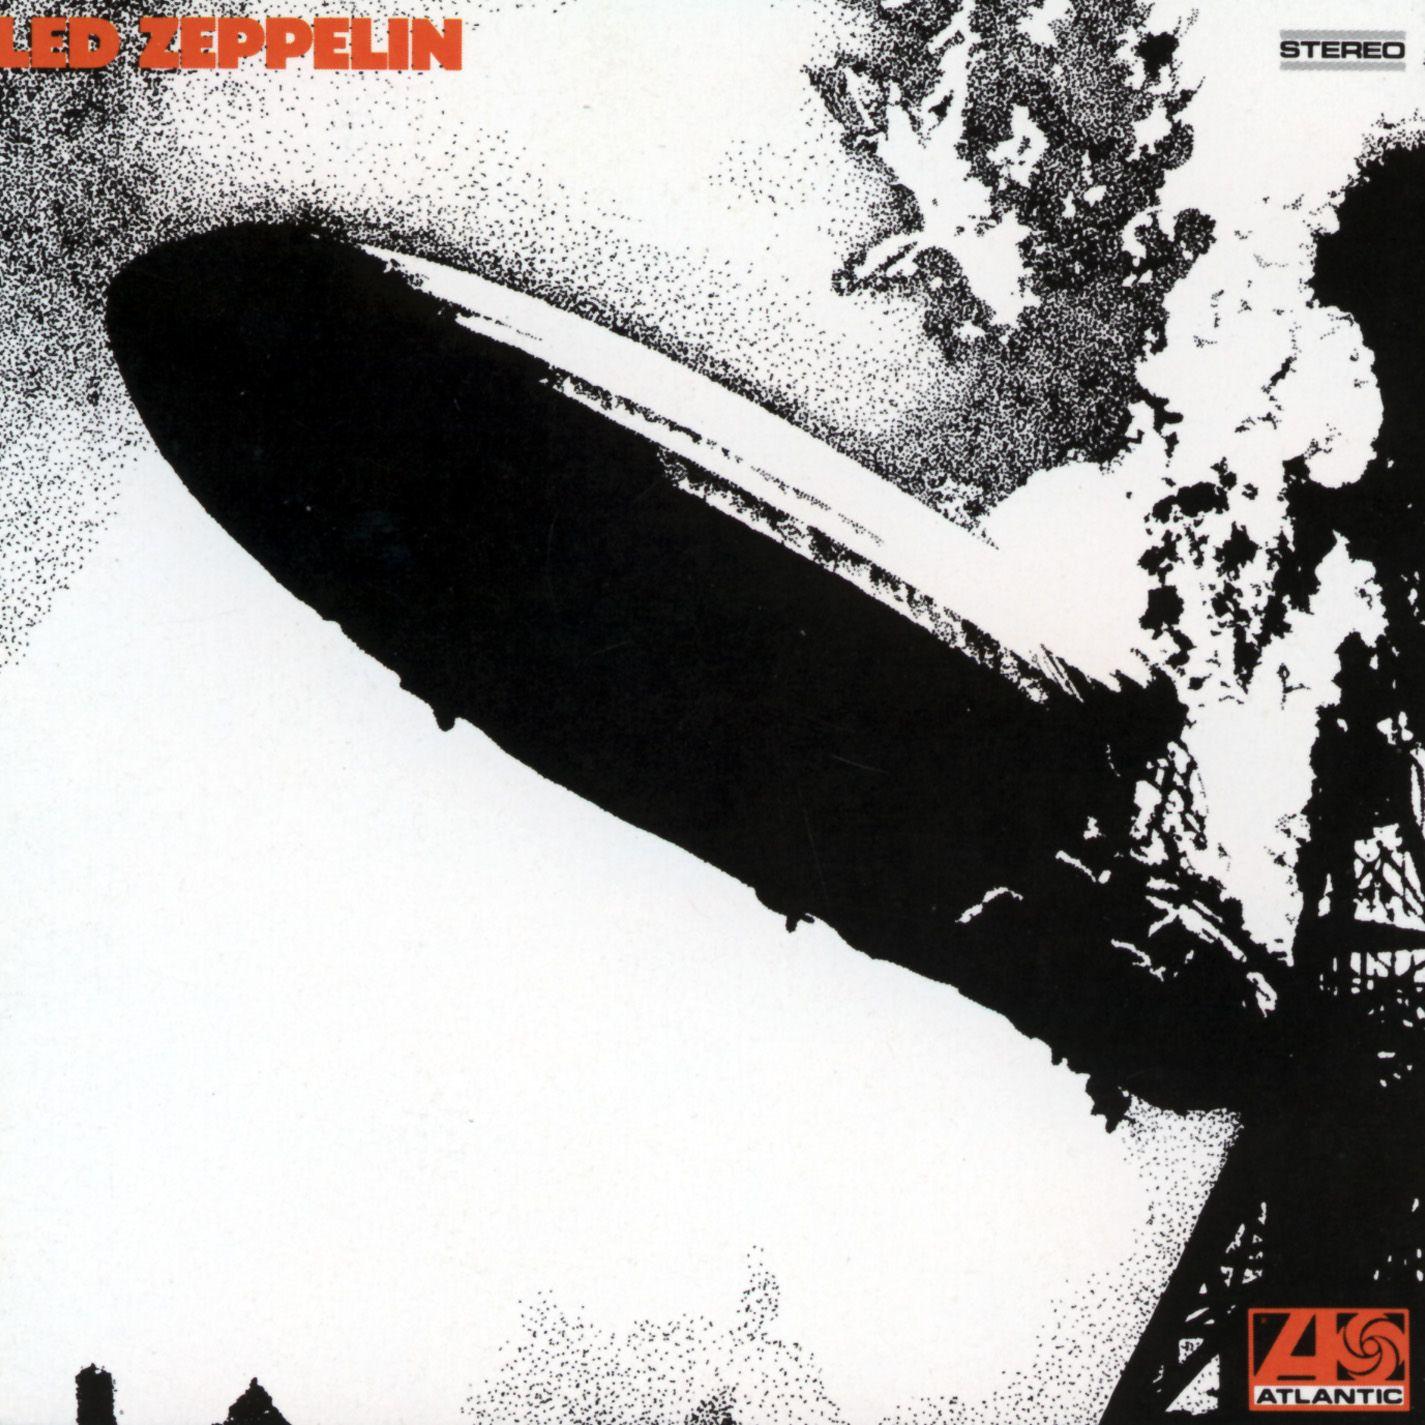 Led Zeppelin - I